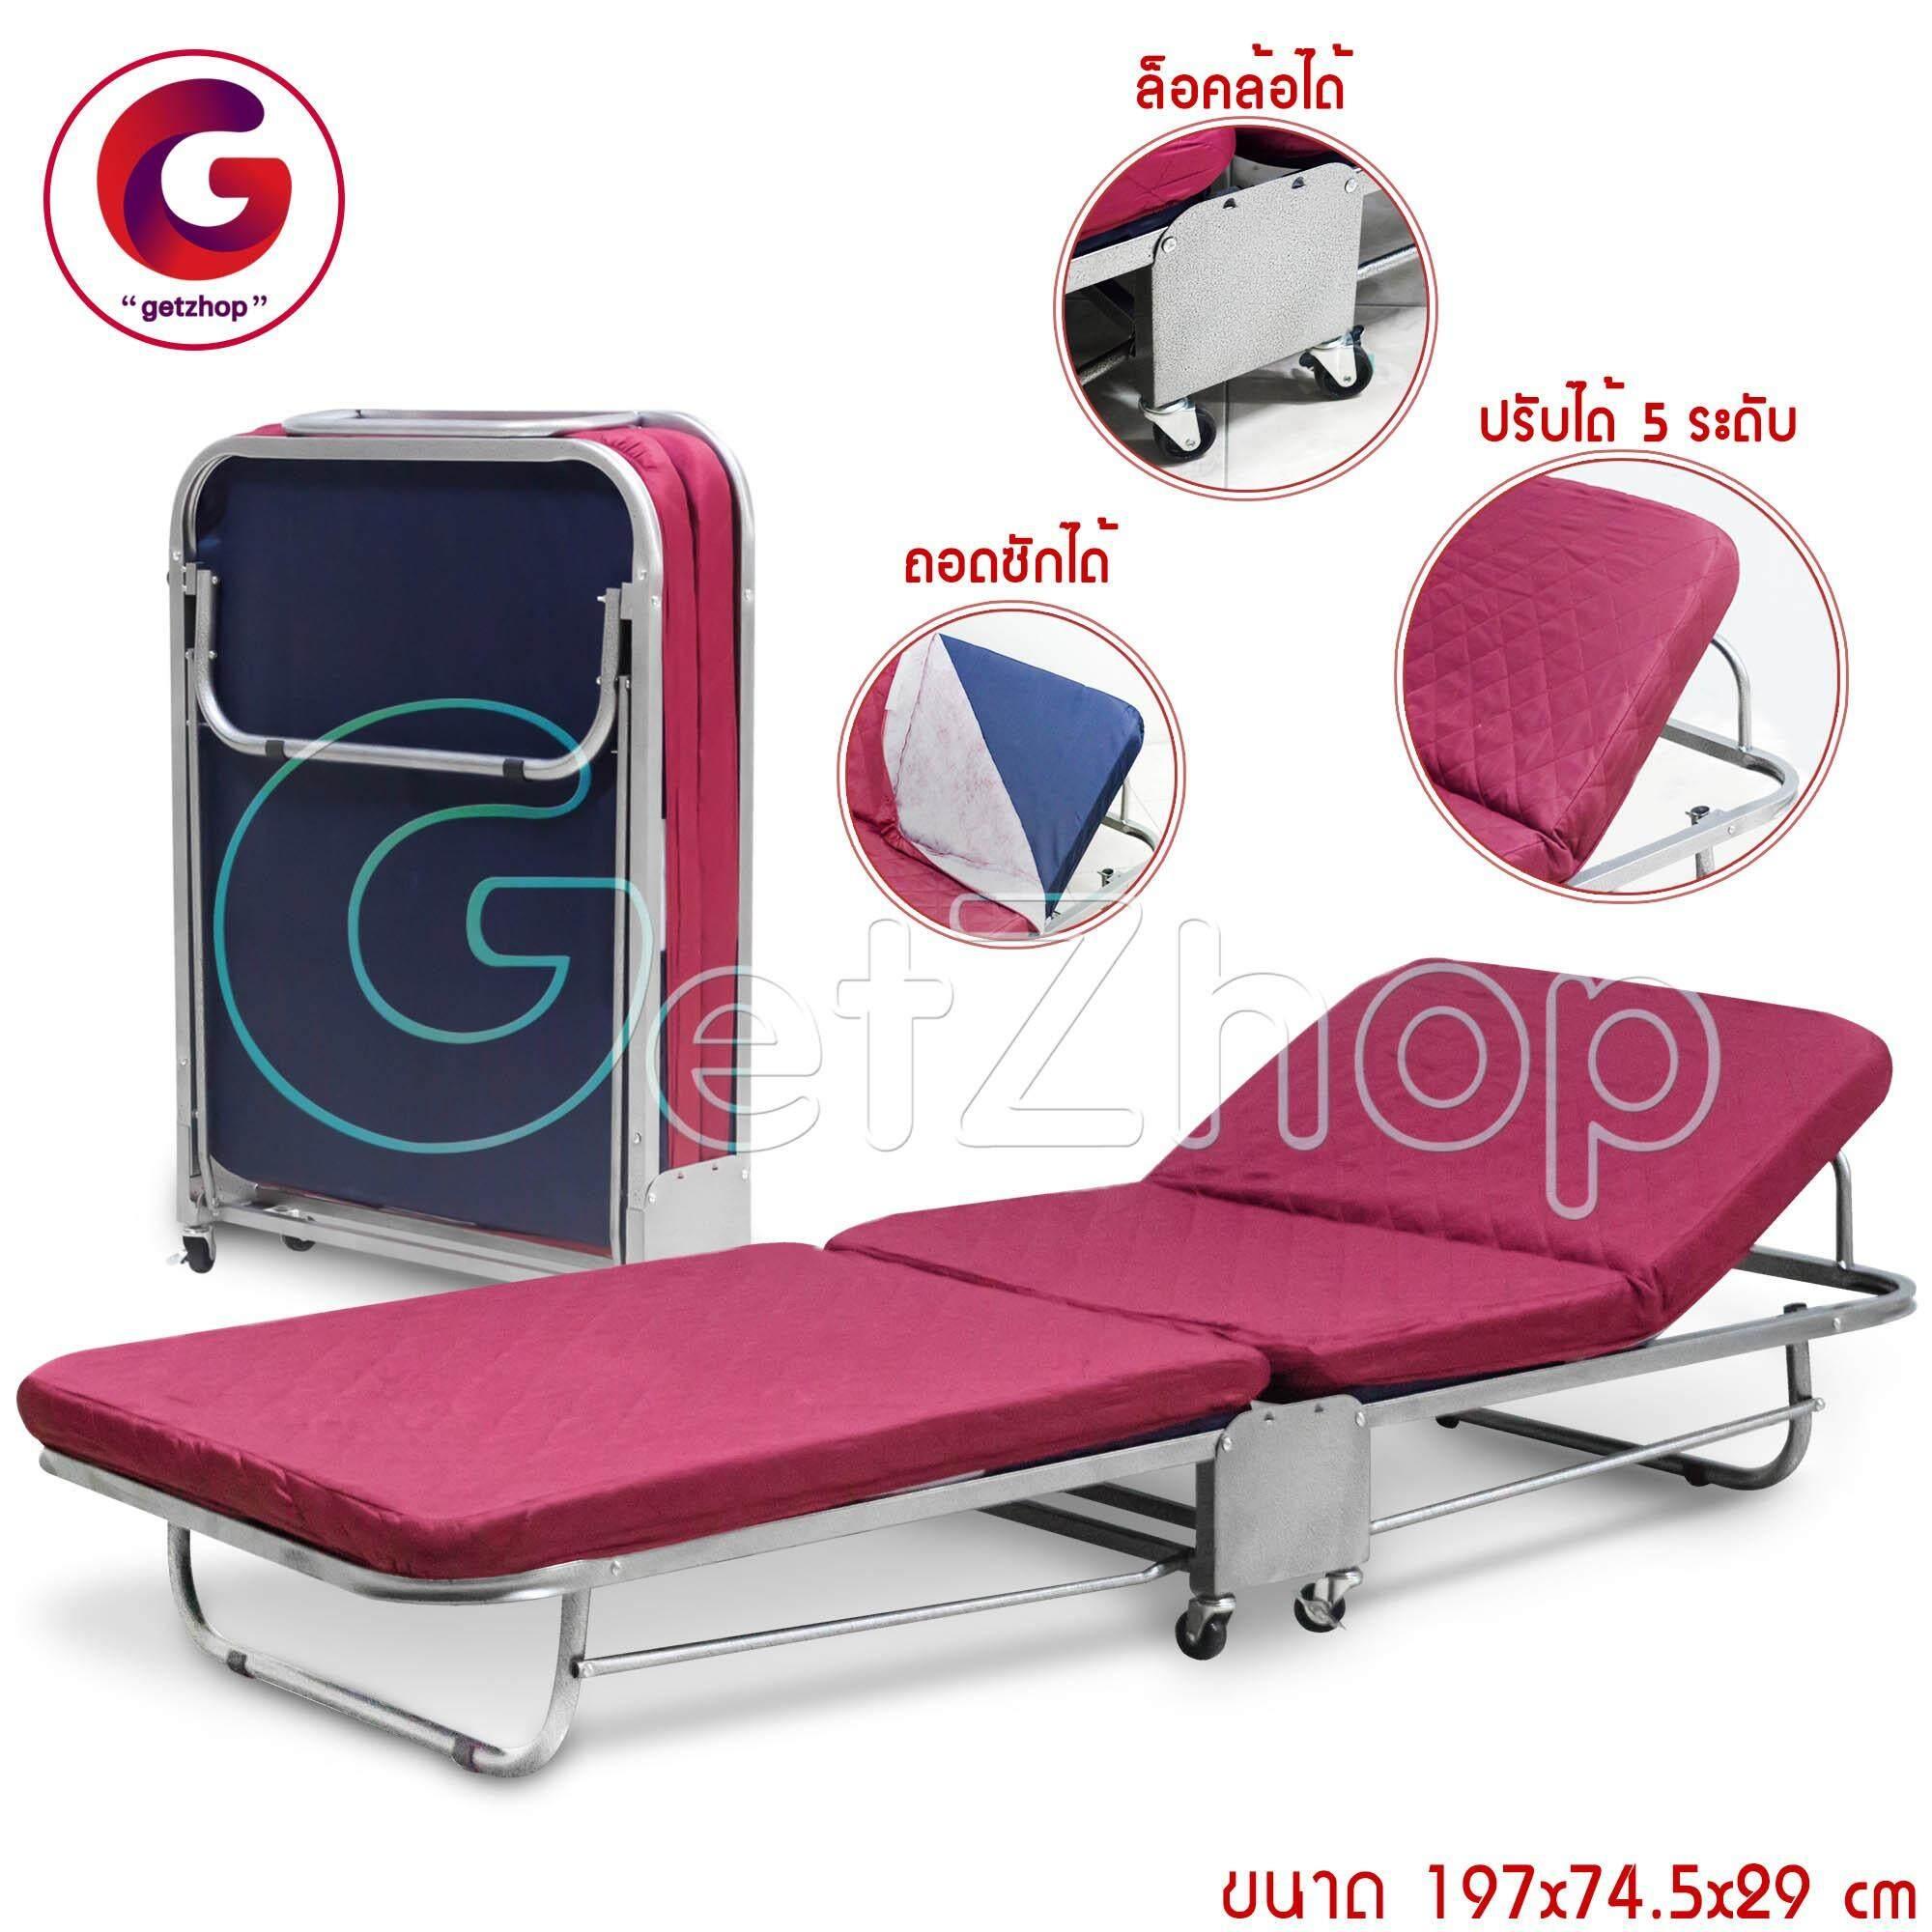 ส่วนลด Getservice เตียงเสริมพับได้ เตียงนอนพับได้ เตียงเหล็ก พร้อมเบาะรองนอน มีล้อ ขนาด 197X74 5X29 Cm รุ่น 2107 Getservice ใน กรุงเทพมหานคร